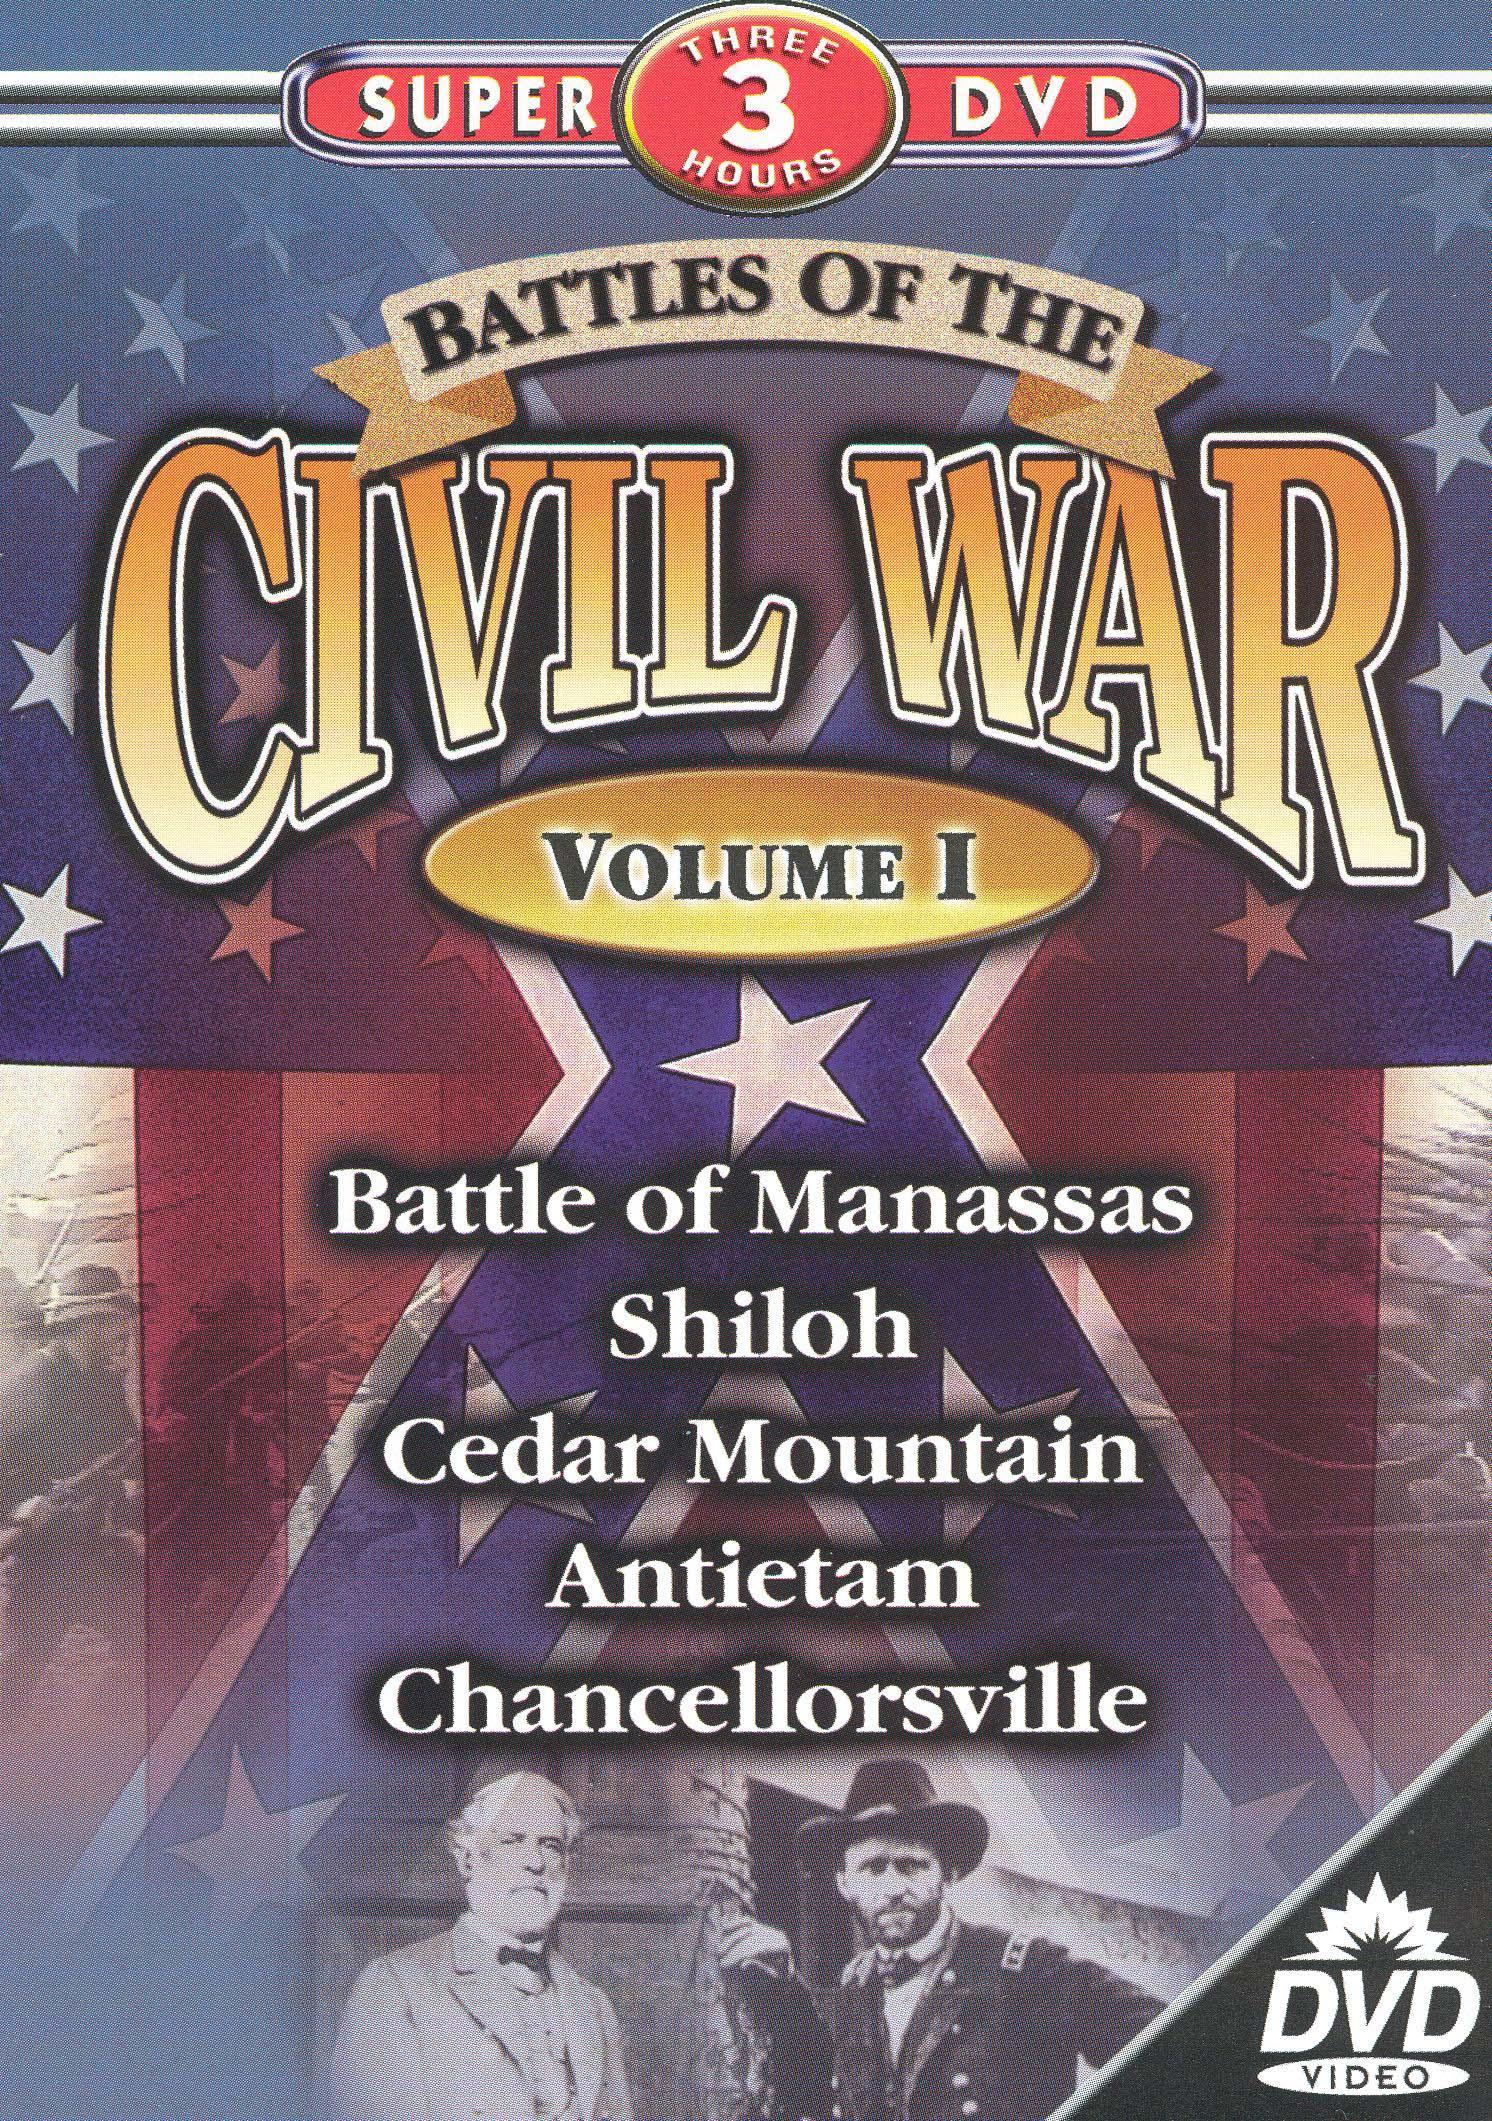 Battles of the Civil War, Vol. 1